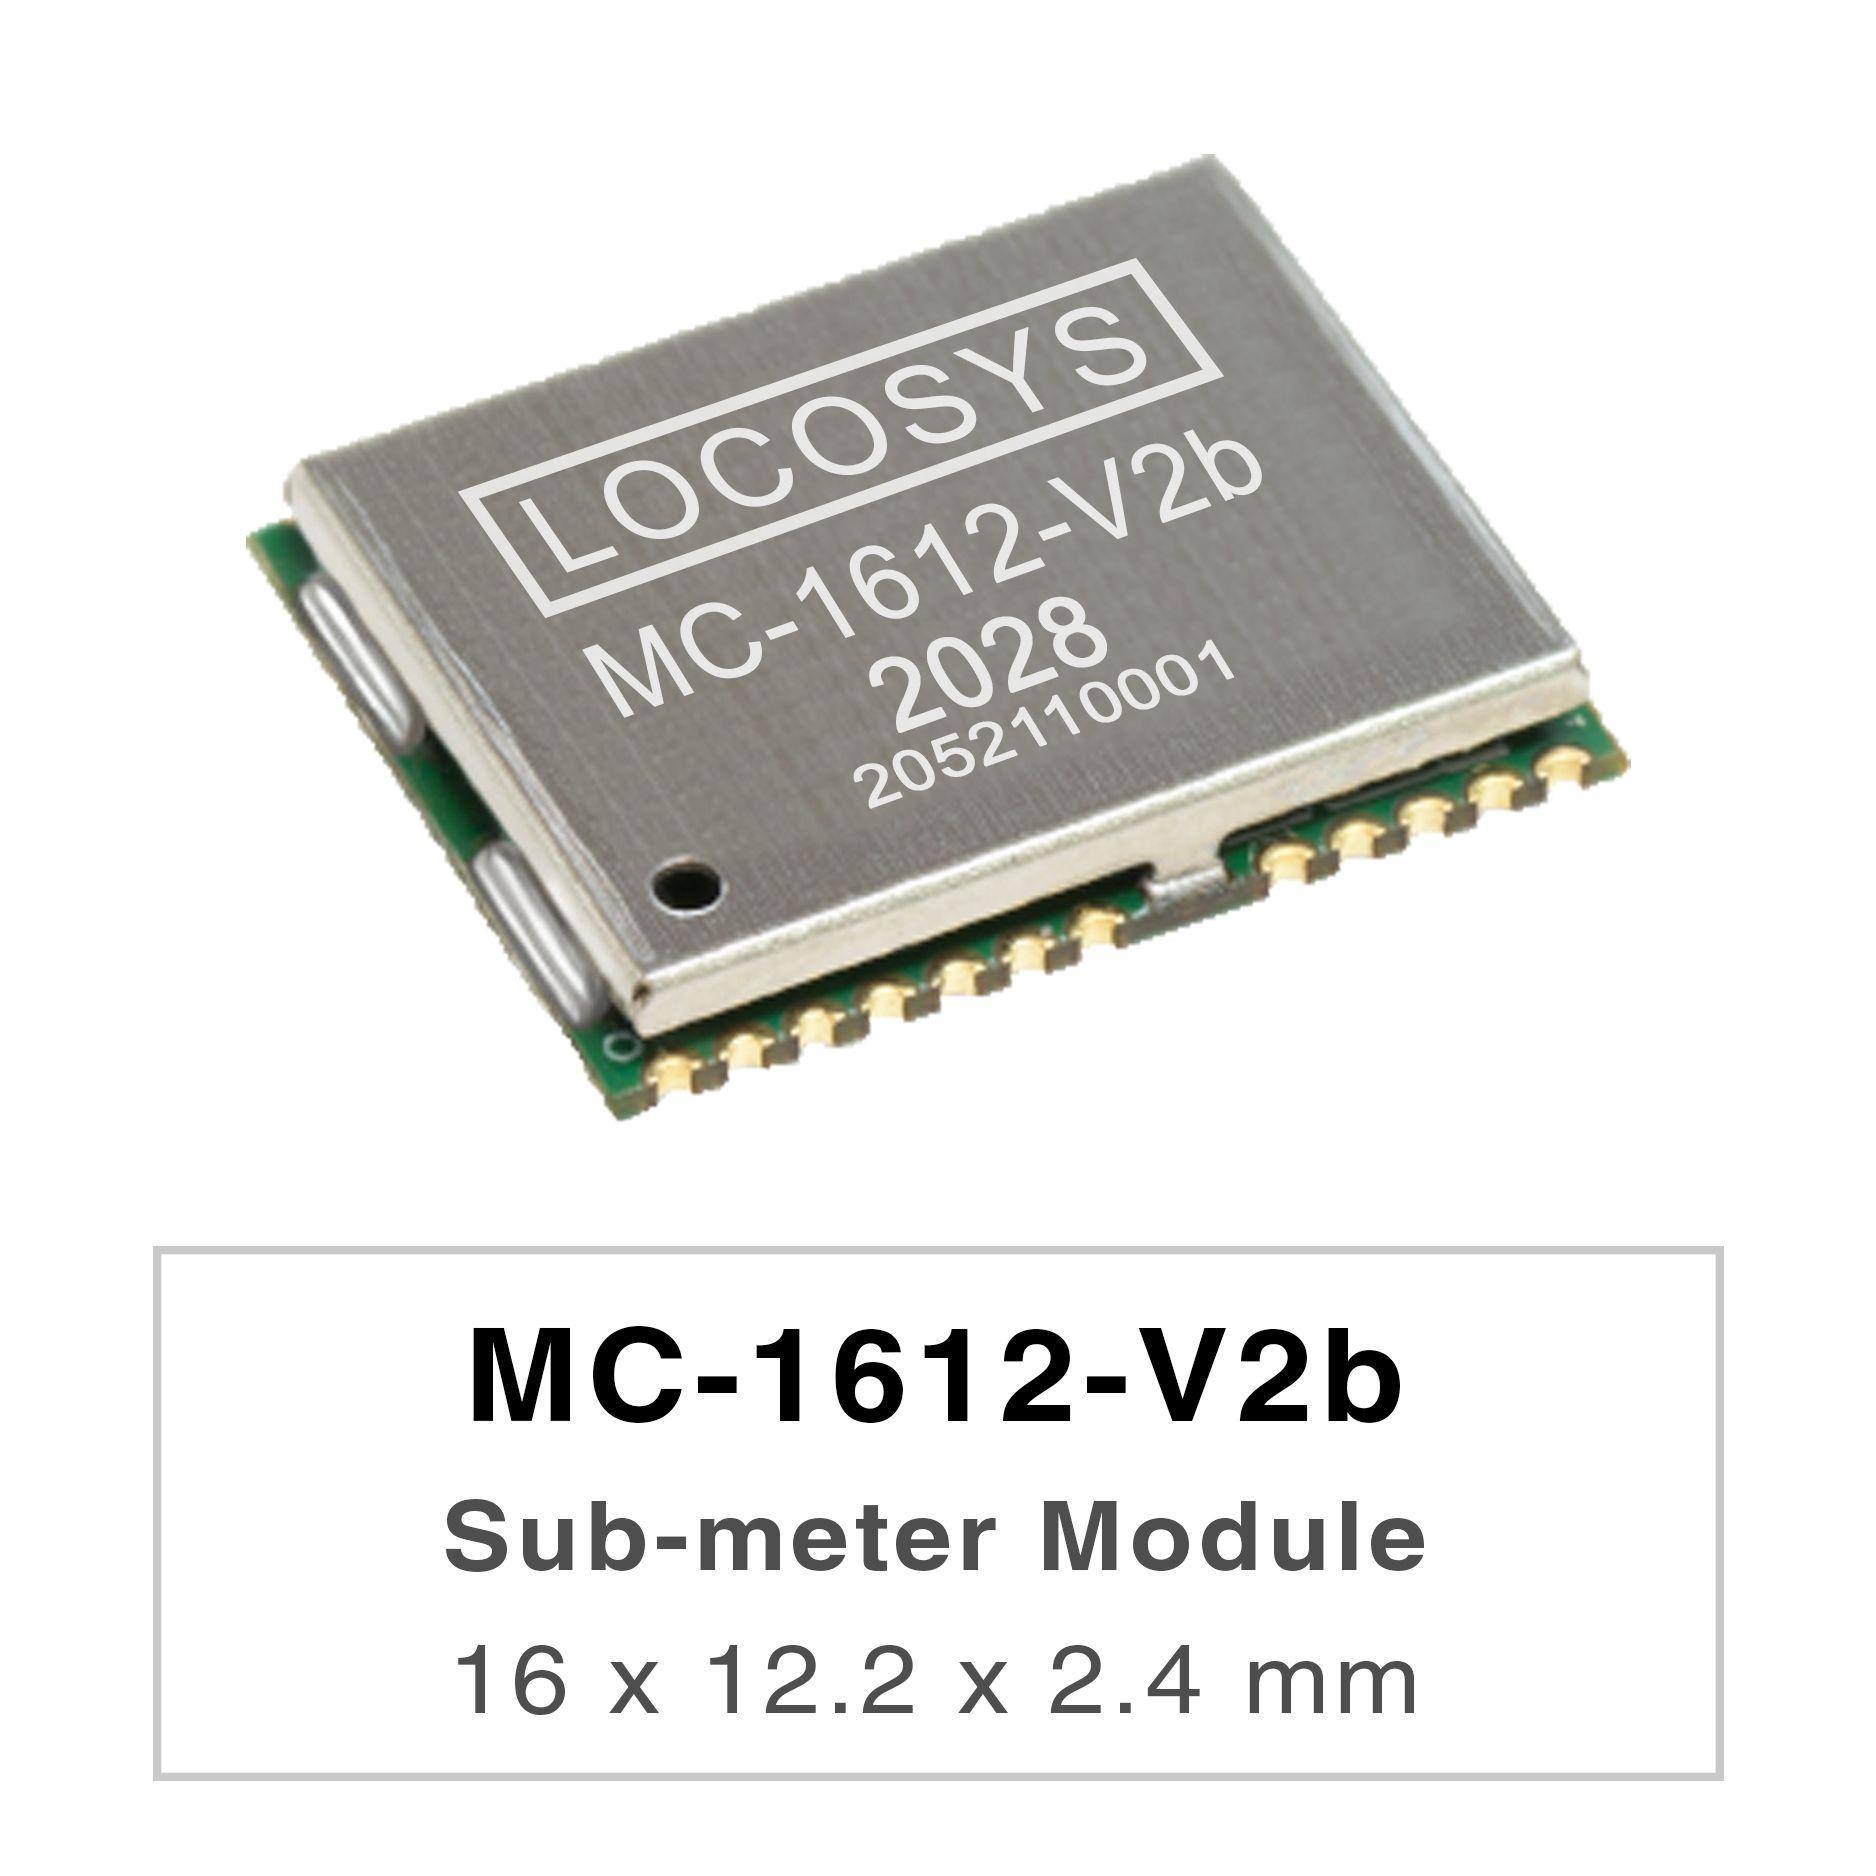 Die LOCOSYS MC-1612-Vxx-Serie sind leistungsstarke Dualband-GNSS-Positionierungsmodule, die in der Lage sind , alle globalen zivilen Navigationssysteme zu verfolgen. Sie verwenden einen 12-nm-Prozess und integrieren eine effiziente Energieverwaltungsarchitektur, um einen geringen Stromverbrauch und eine hohe Empfindlichkeit zu erzielen.